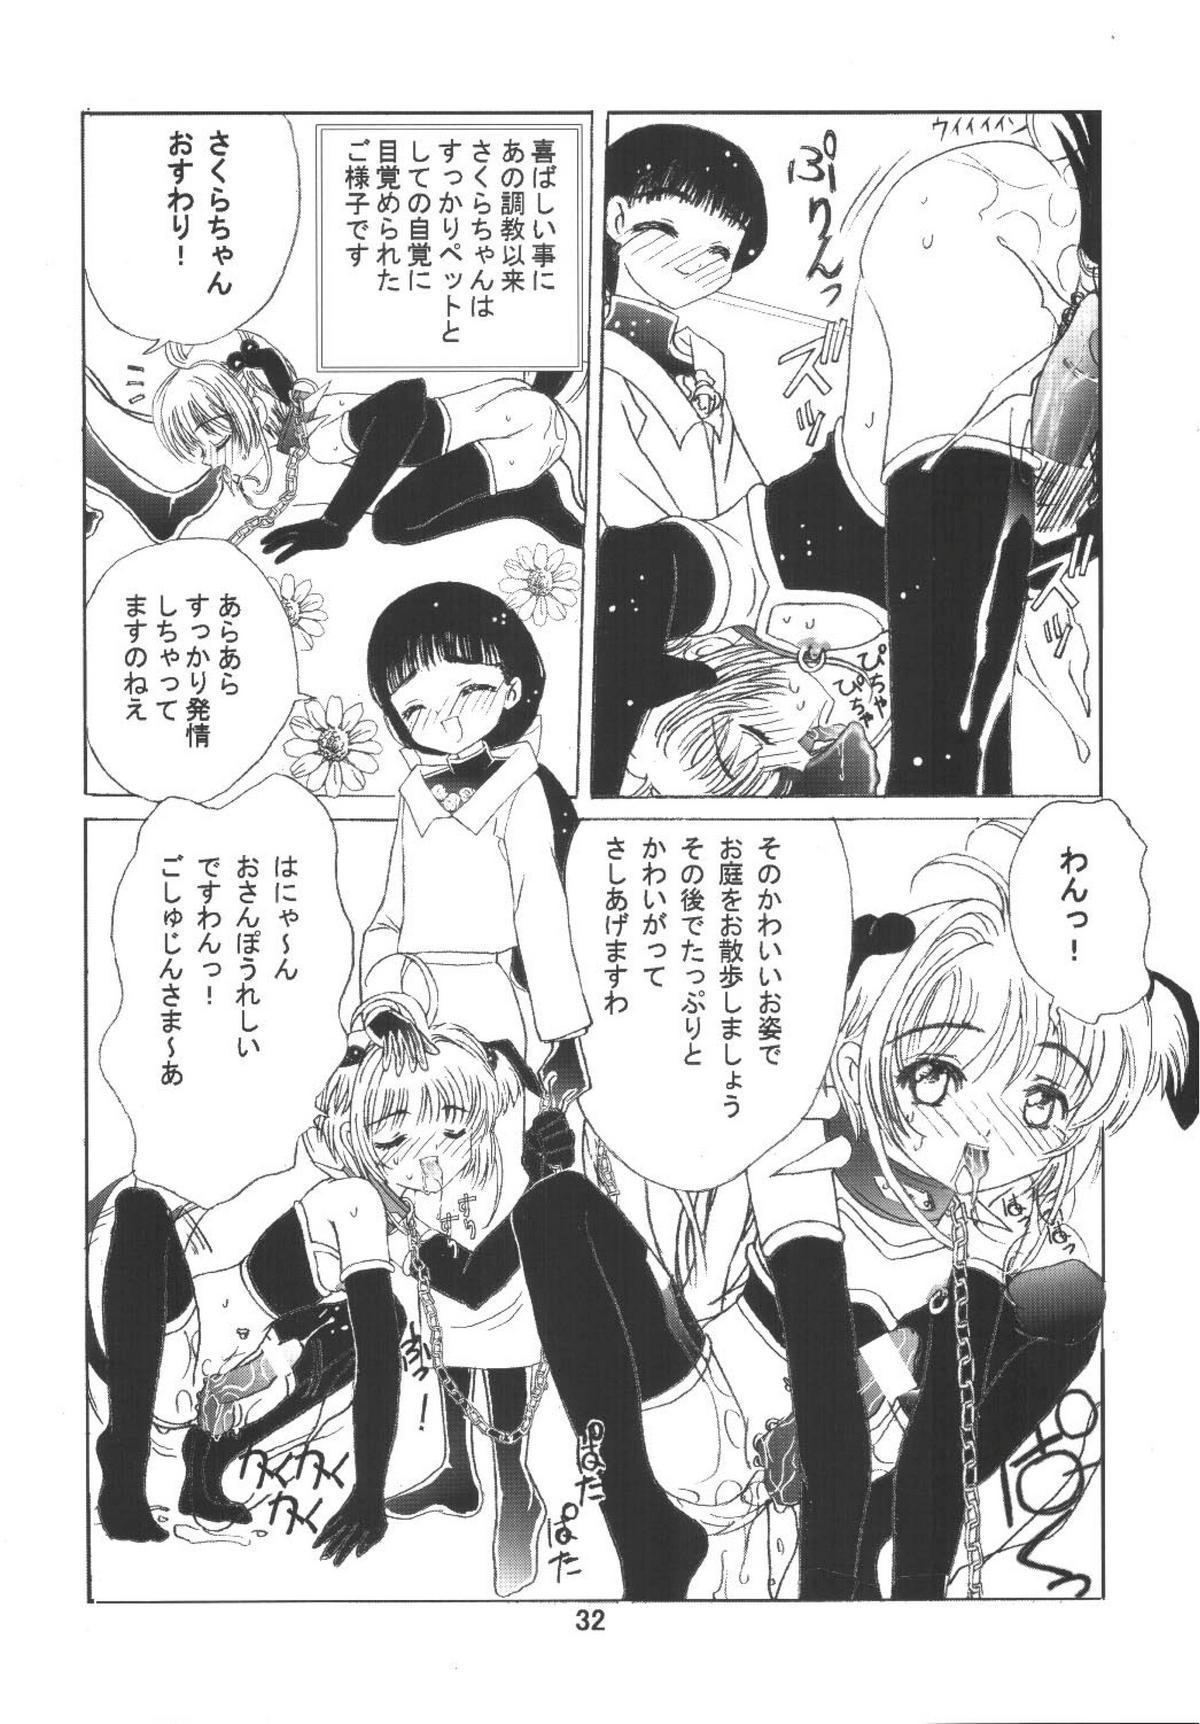 Kuuronziyou 6 Sakura-chan de Asobou 3 31